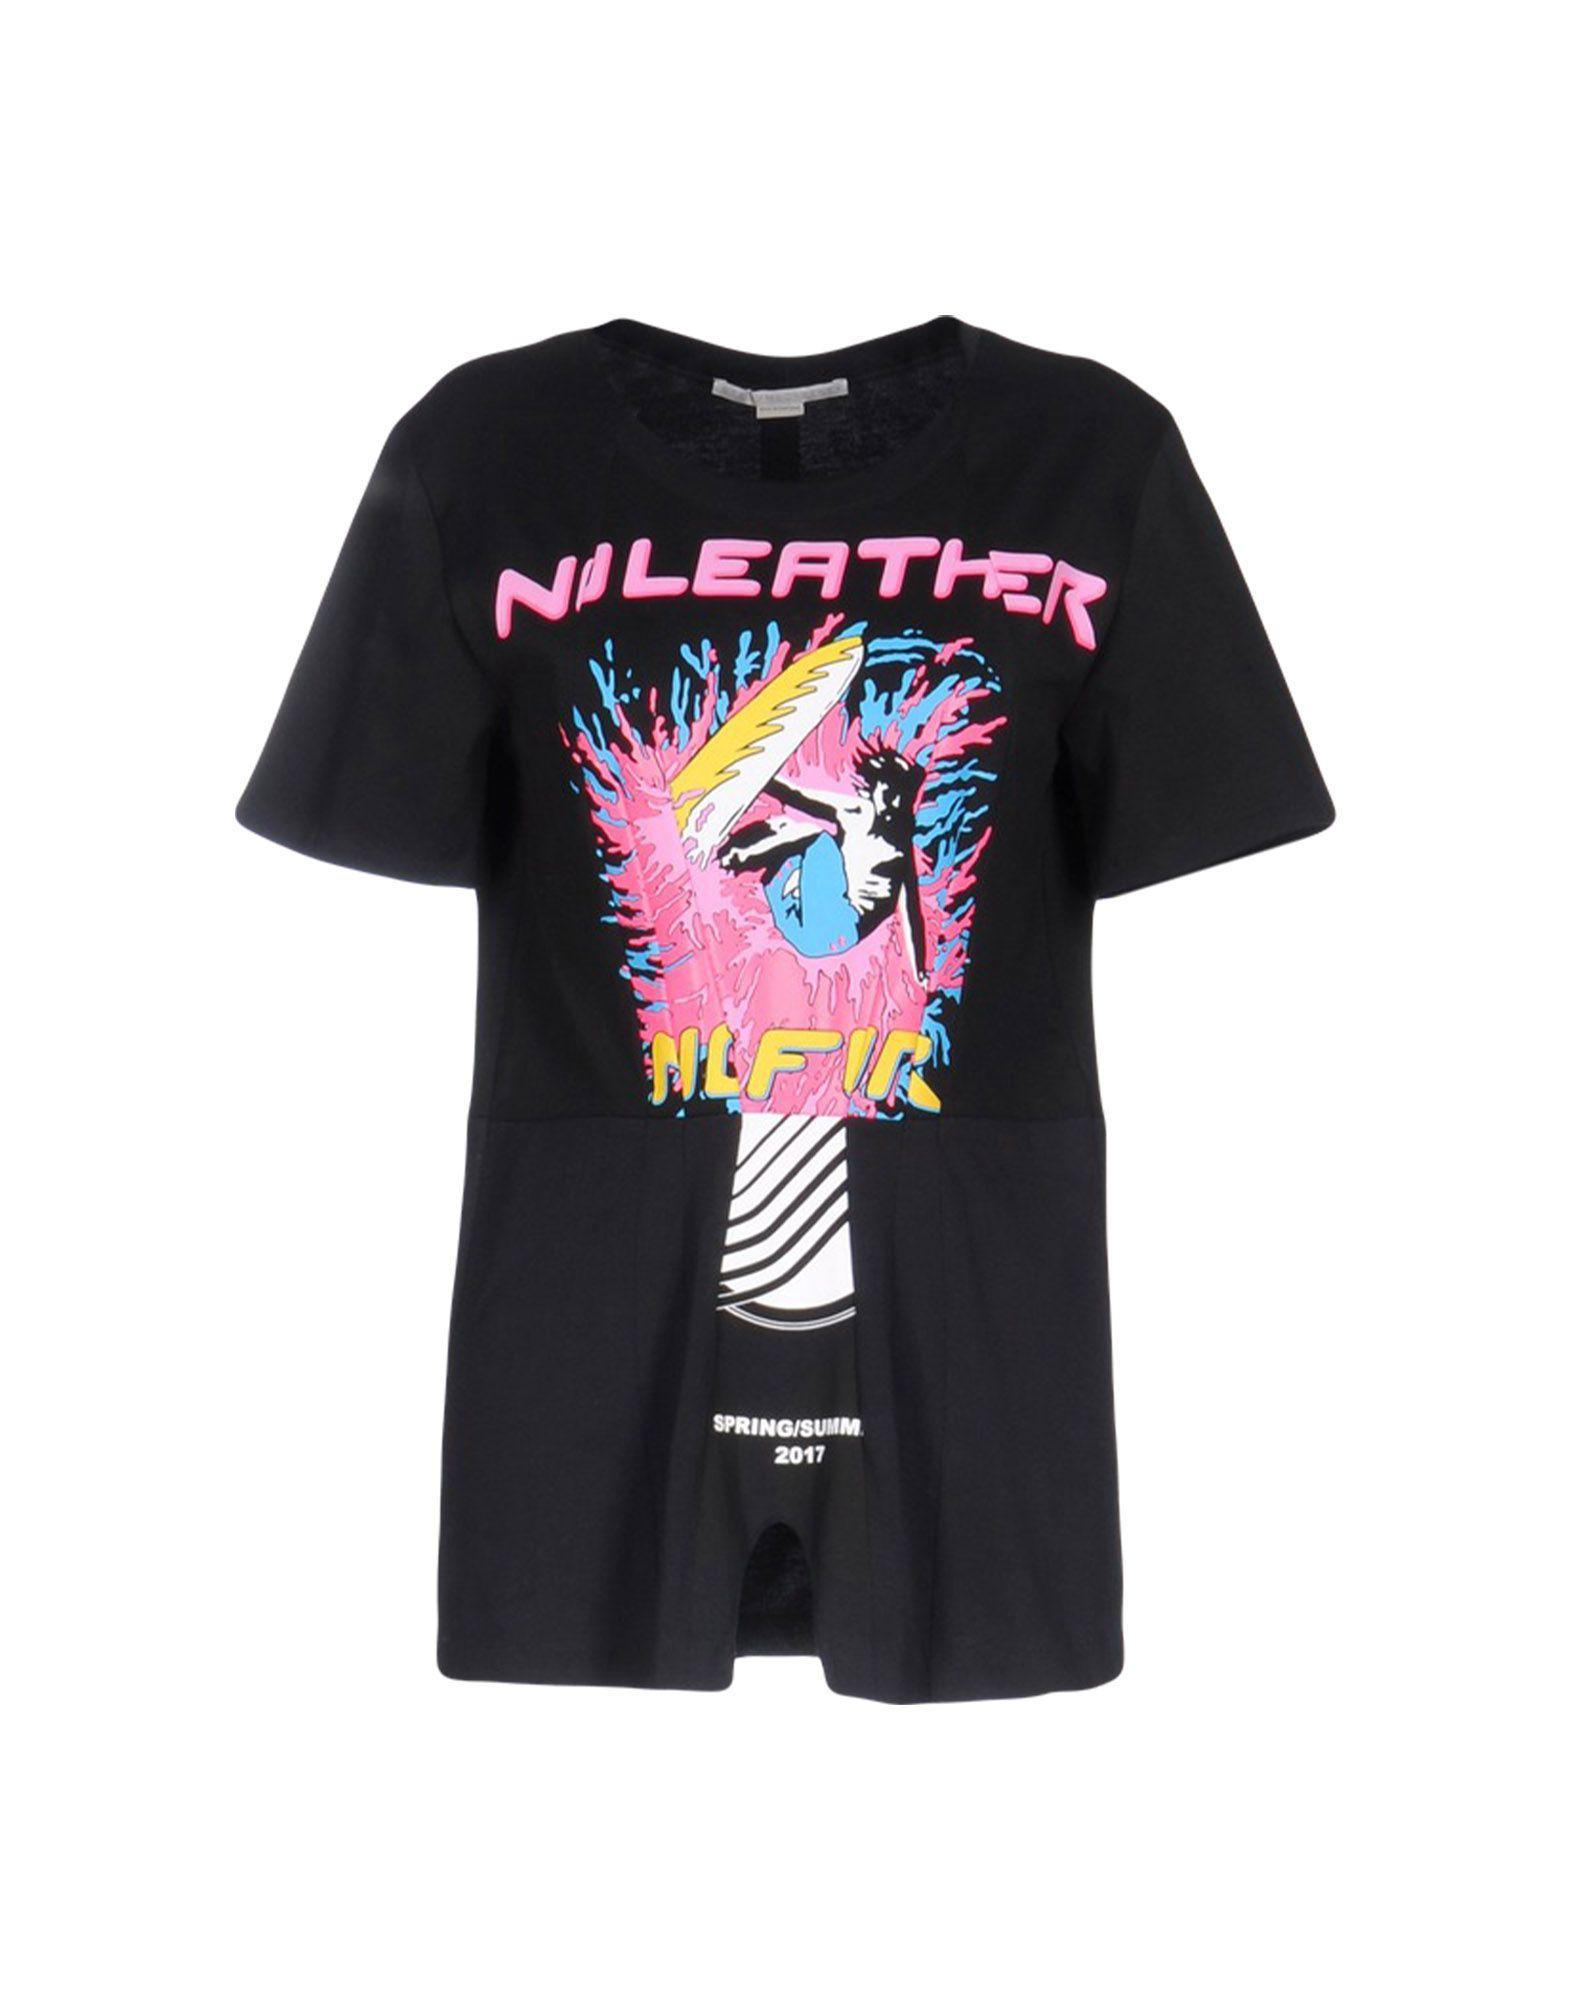 T-Shirt Stella Mccartney donna - 12089550IH 12089550IH  billig in hoher Qualität